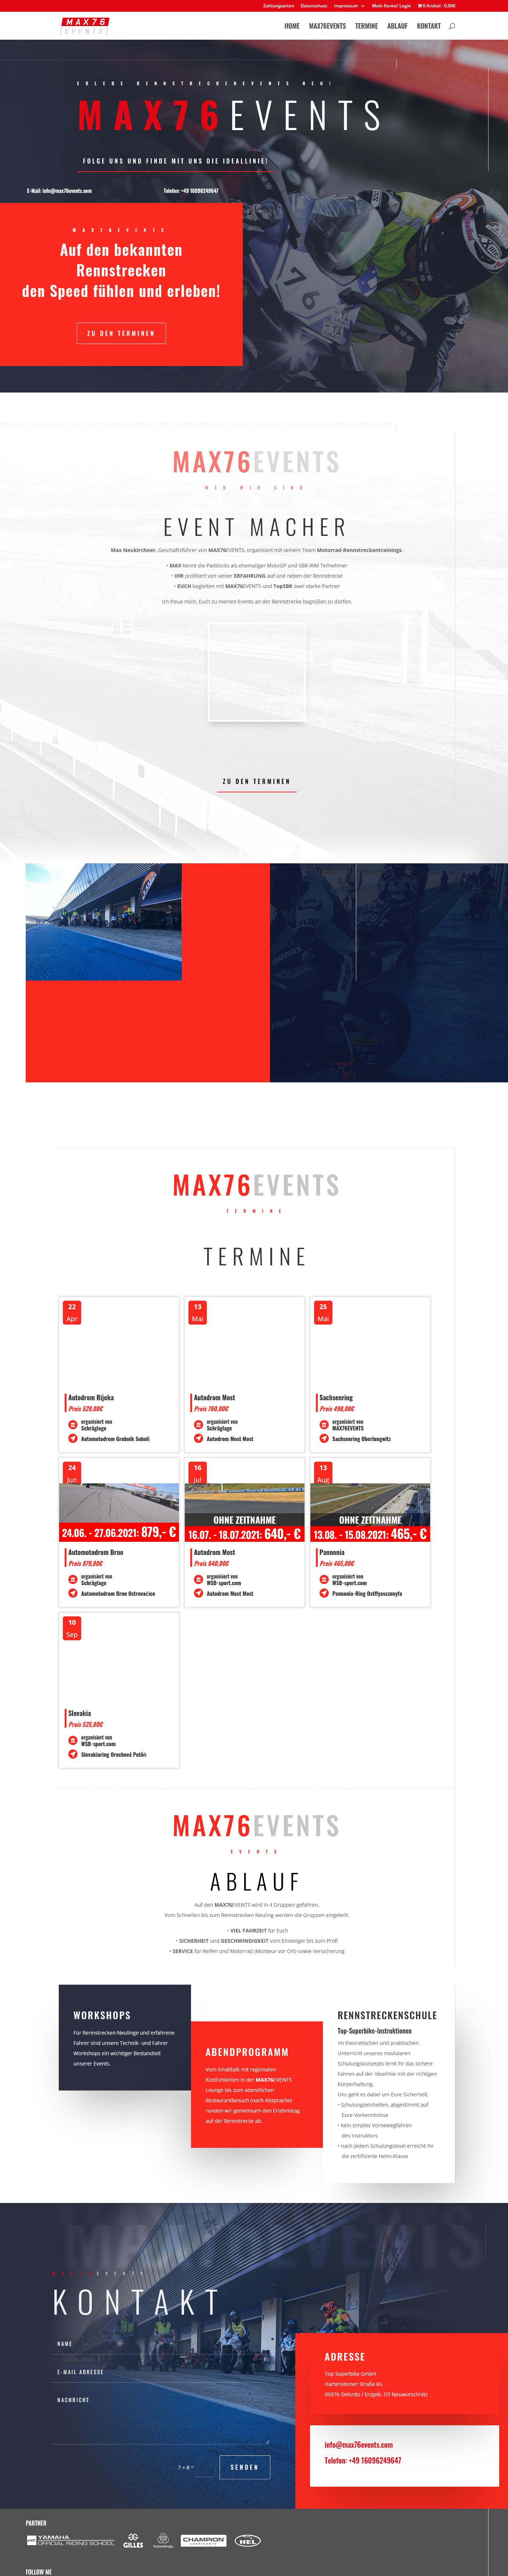 max76events Erlebe Rennstreckenevents